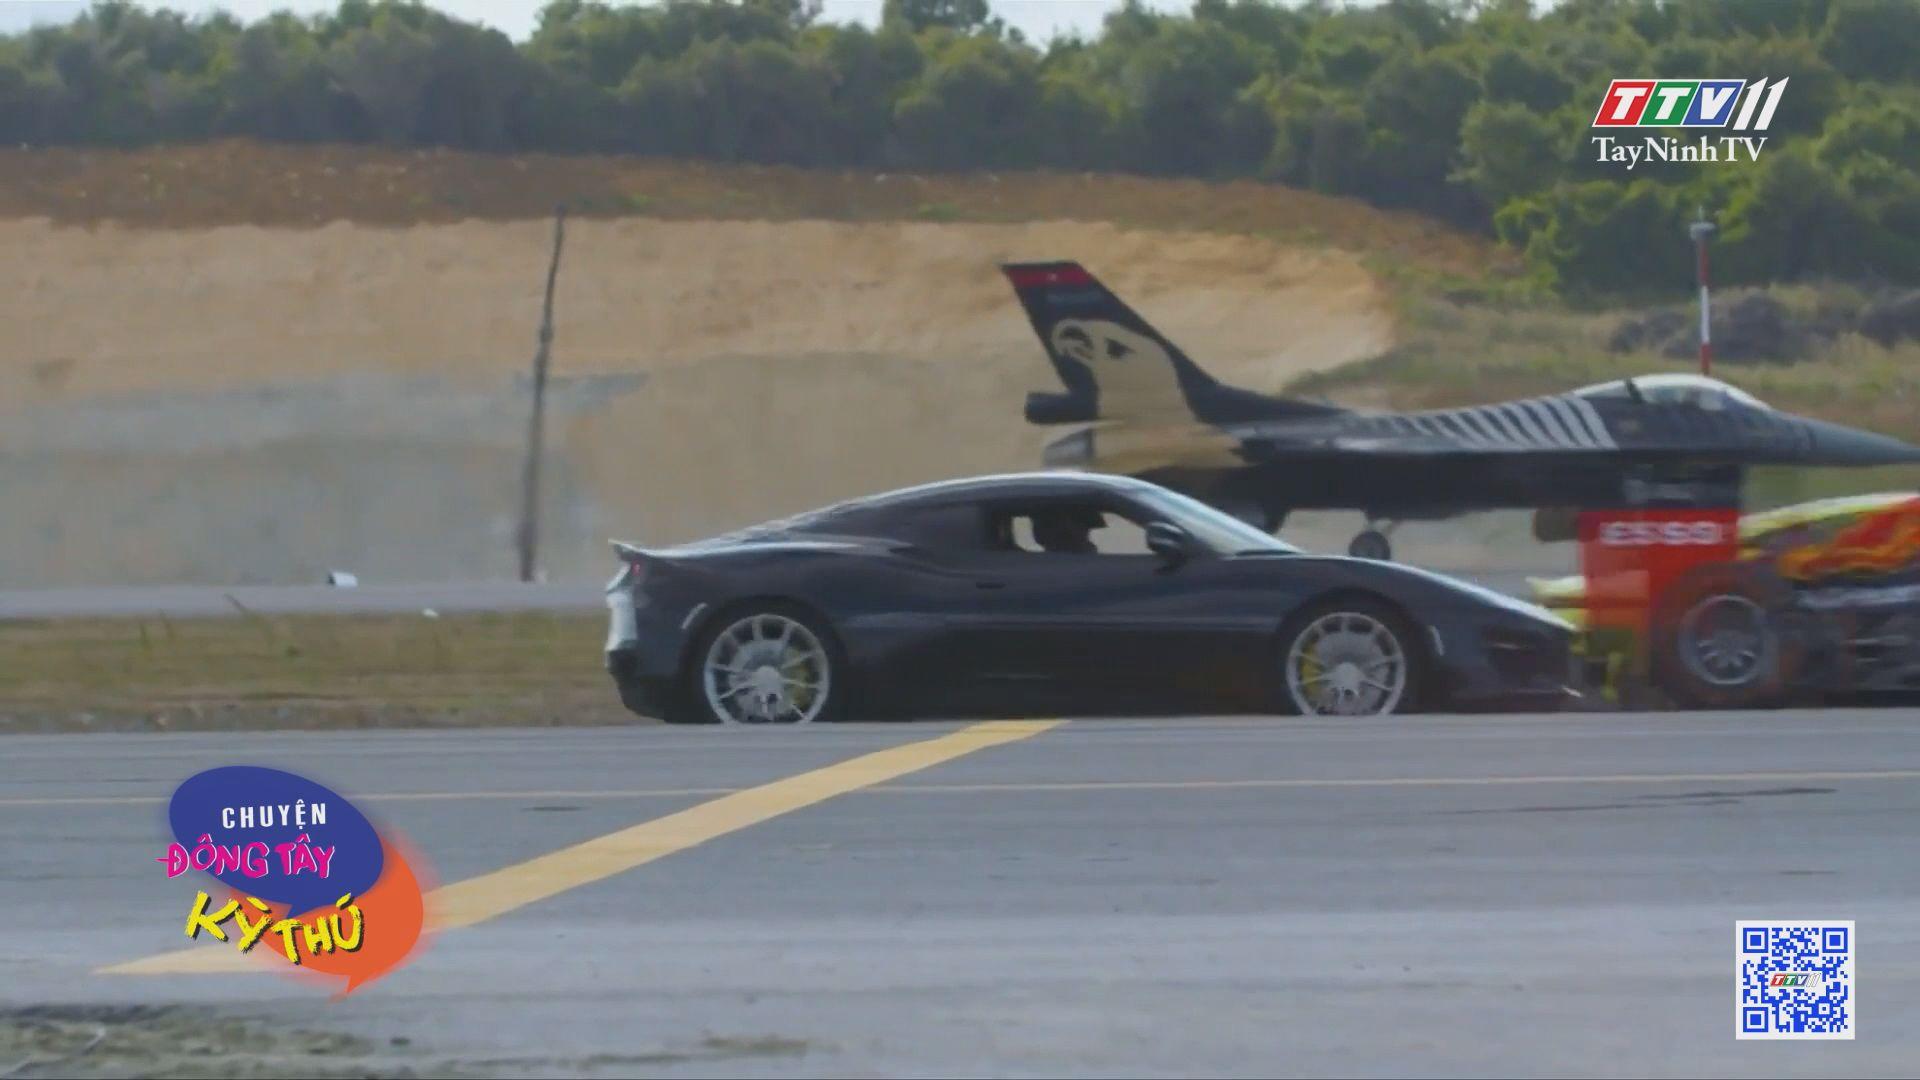 Siêu xe mô tô đo tốc độ với máy bay chiến đấu | CHUYỆN ĐÔNG TÂY KỲ THÚ | TayNinhTV